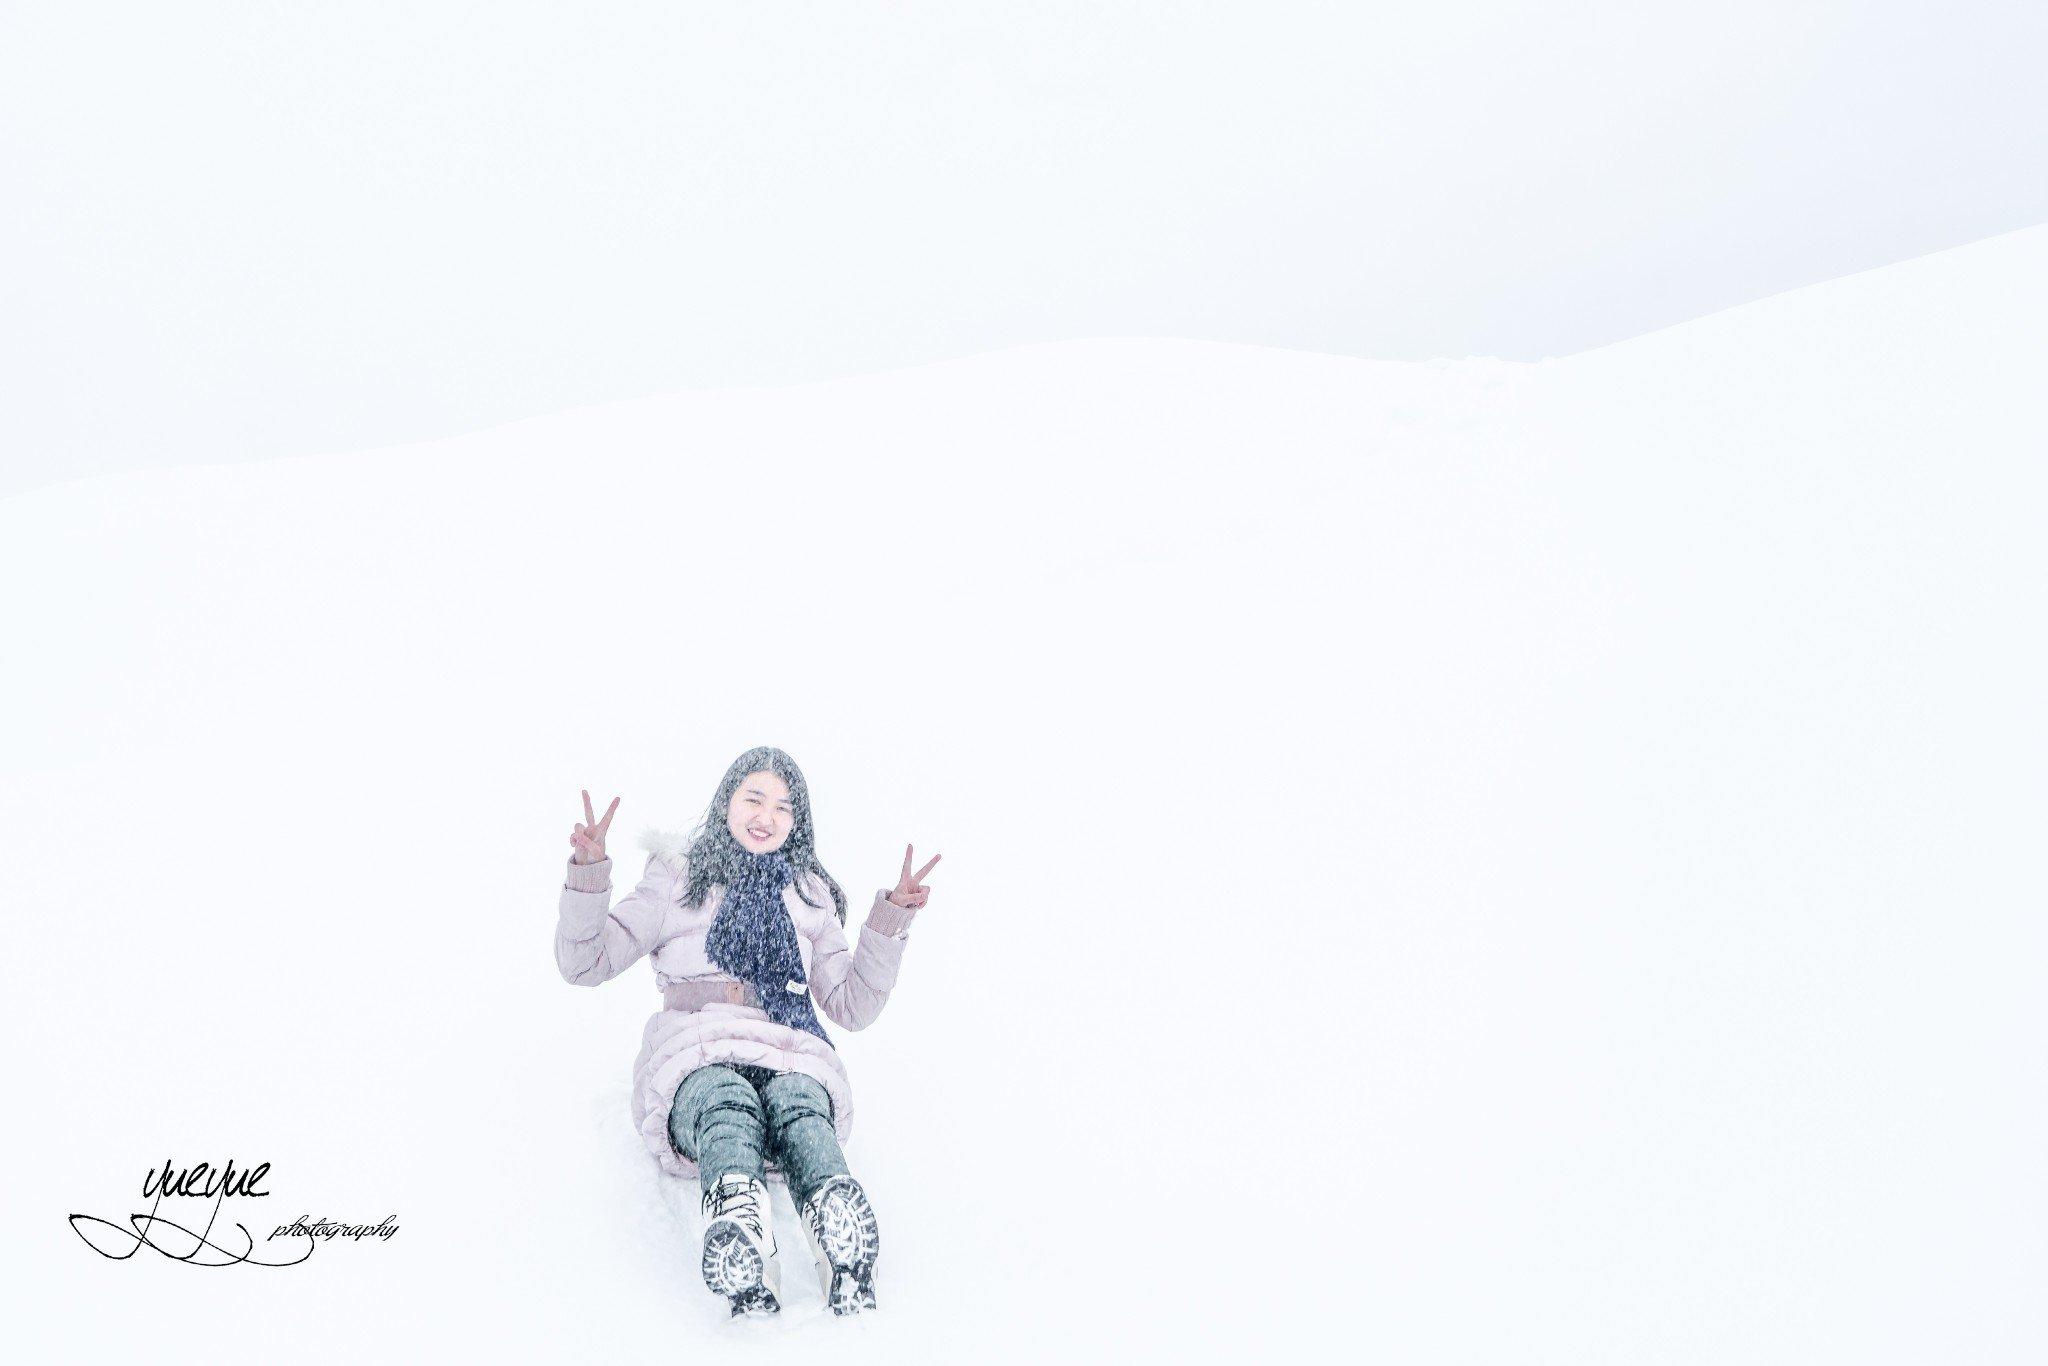 2019哈尔滨攻略馆拉普兰北极村游玩攻略,光哥极地大世界v攻略图片